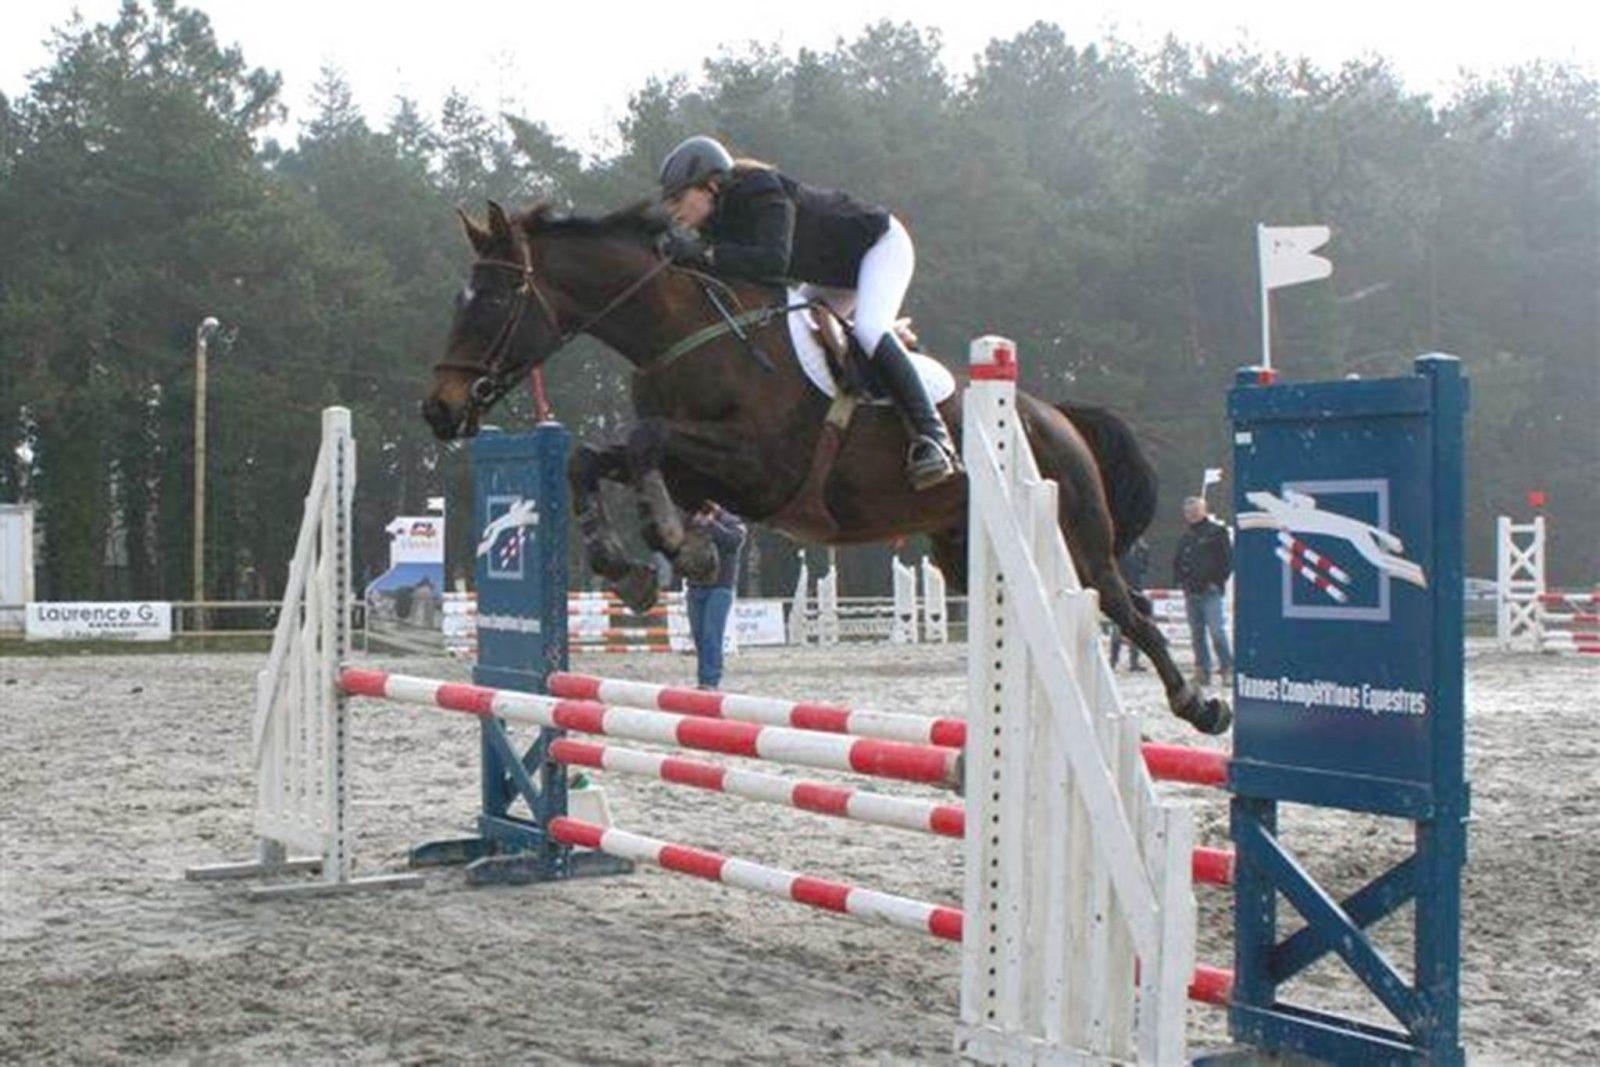 Ecole-Equitation-Petit-Bois-Surzur-Golfe-du-Morbihan-Bretagne sud